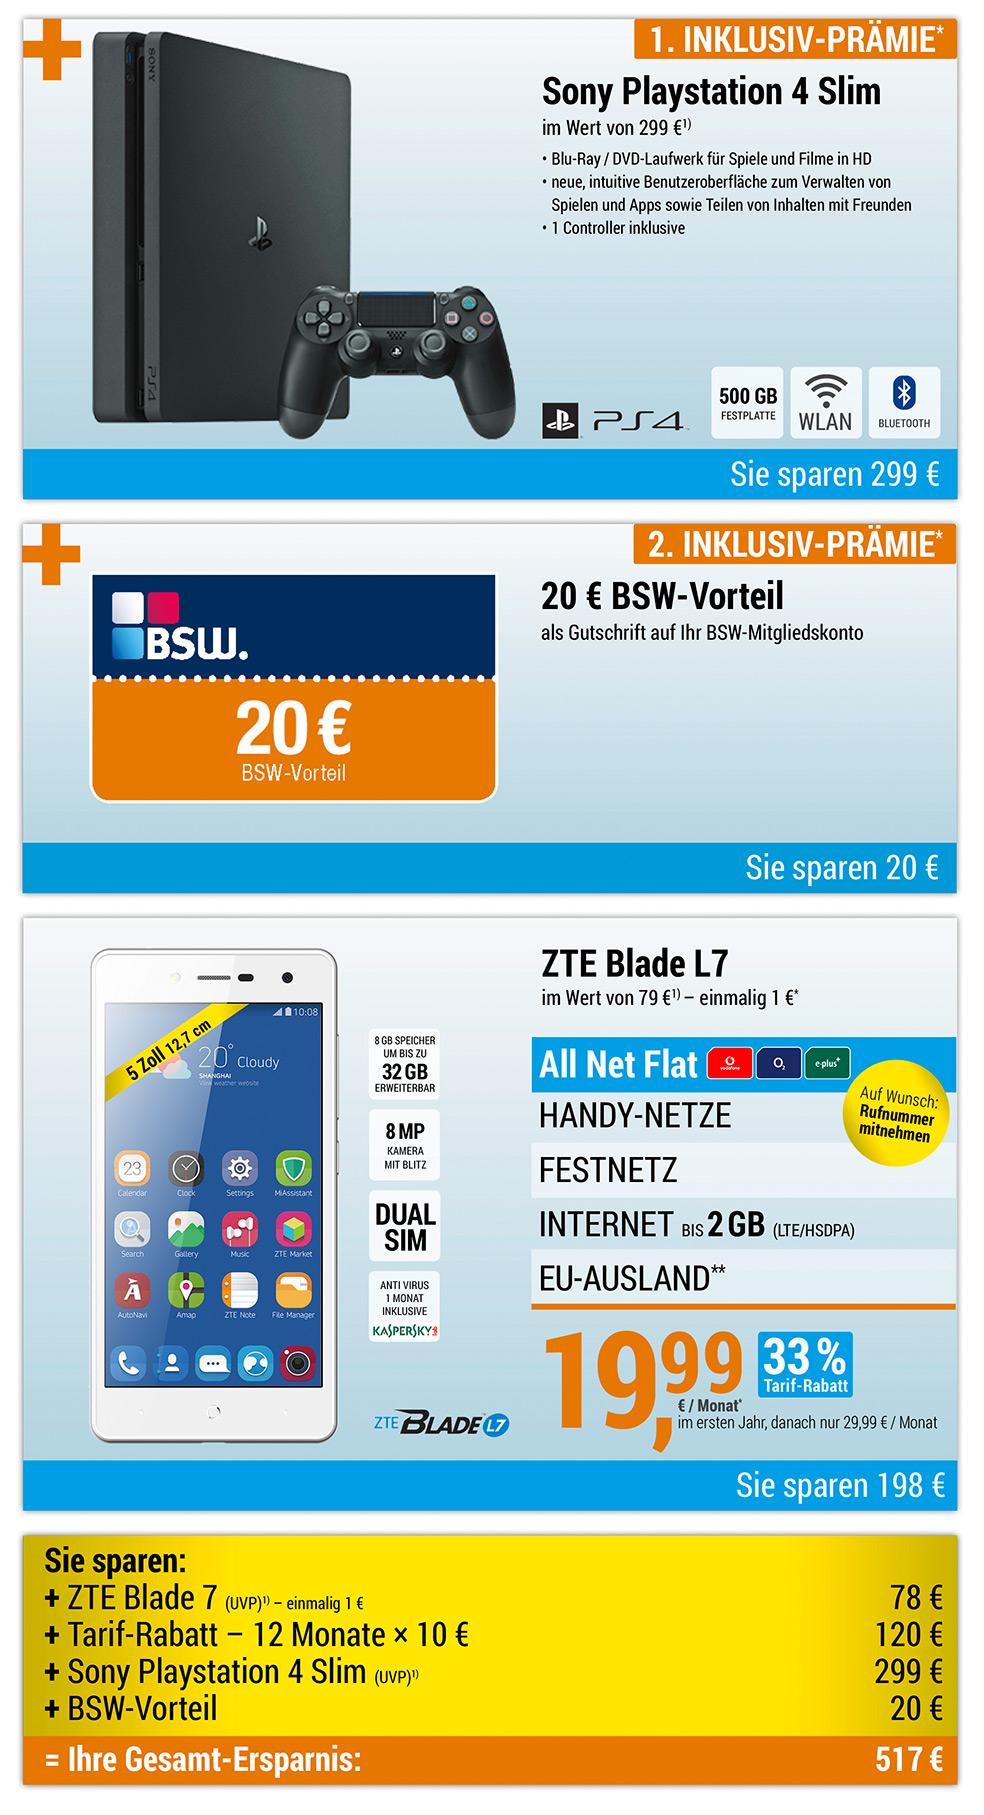 Für nur 1 €*: ZTE Blade L7 + SONY PlayStation 4 Slim + 20 € BSW-Vorteil mit ALL NET FLAT für 19,99€/Monat im ersten Jahr